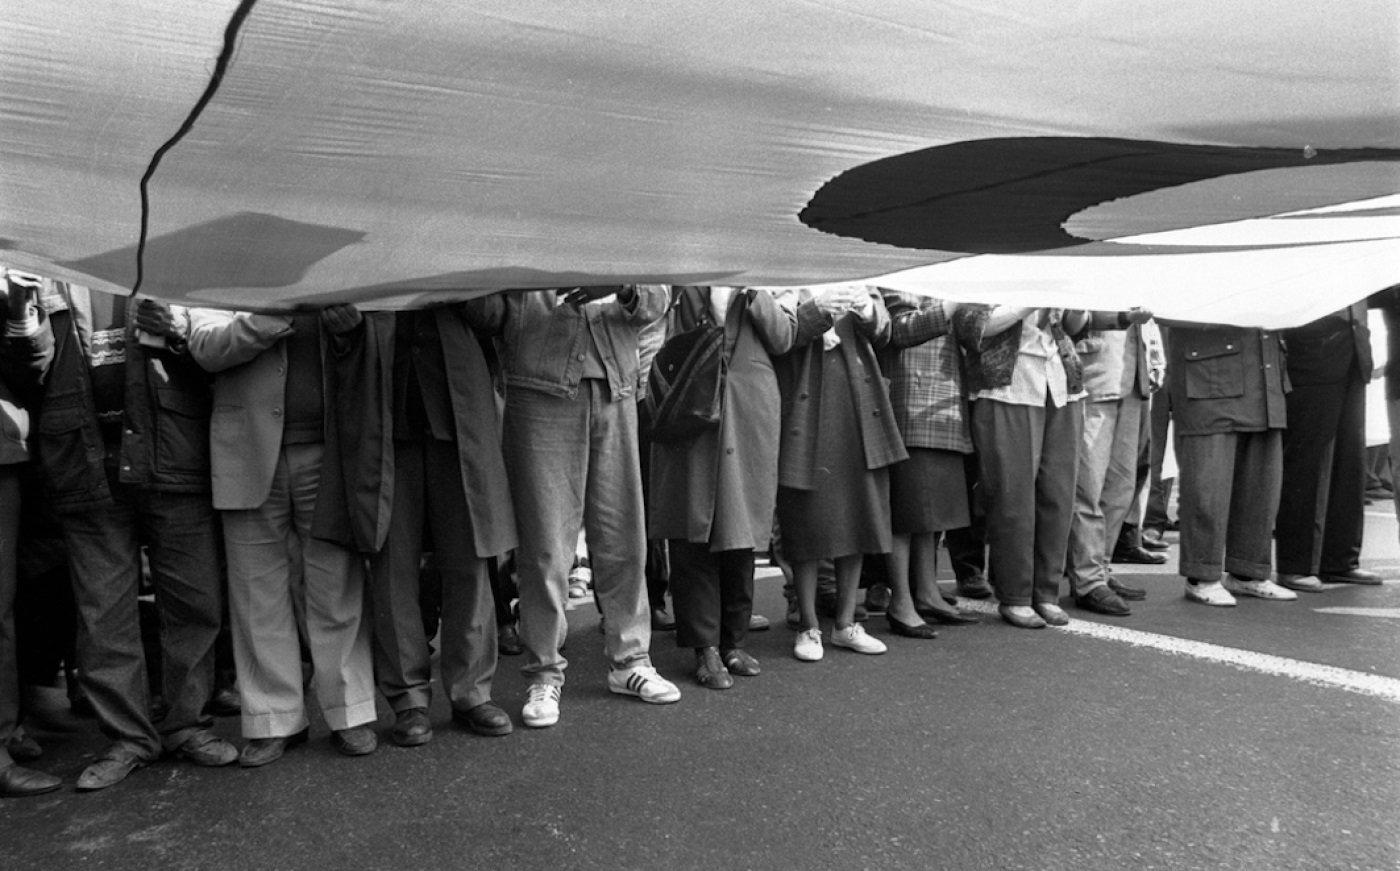 1990-1995 : Algérie, chronique photographique dans Photos 191205082851100179